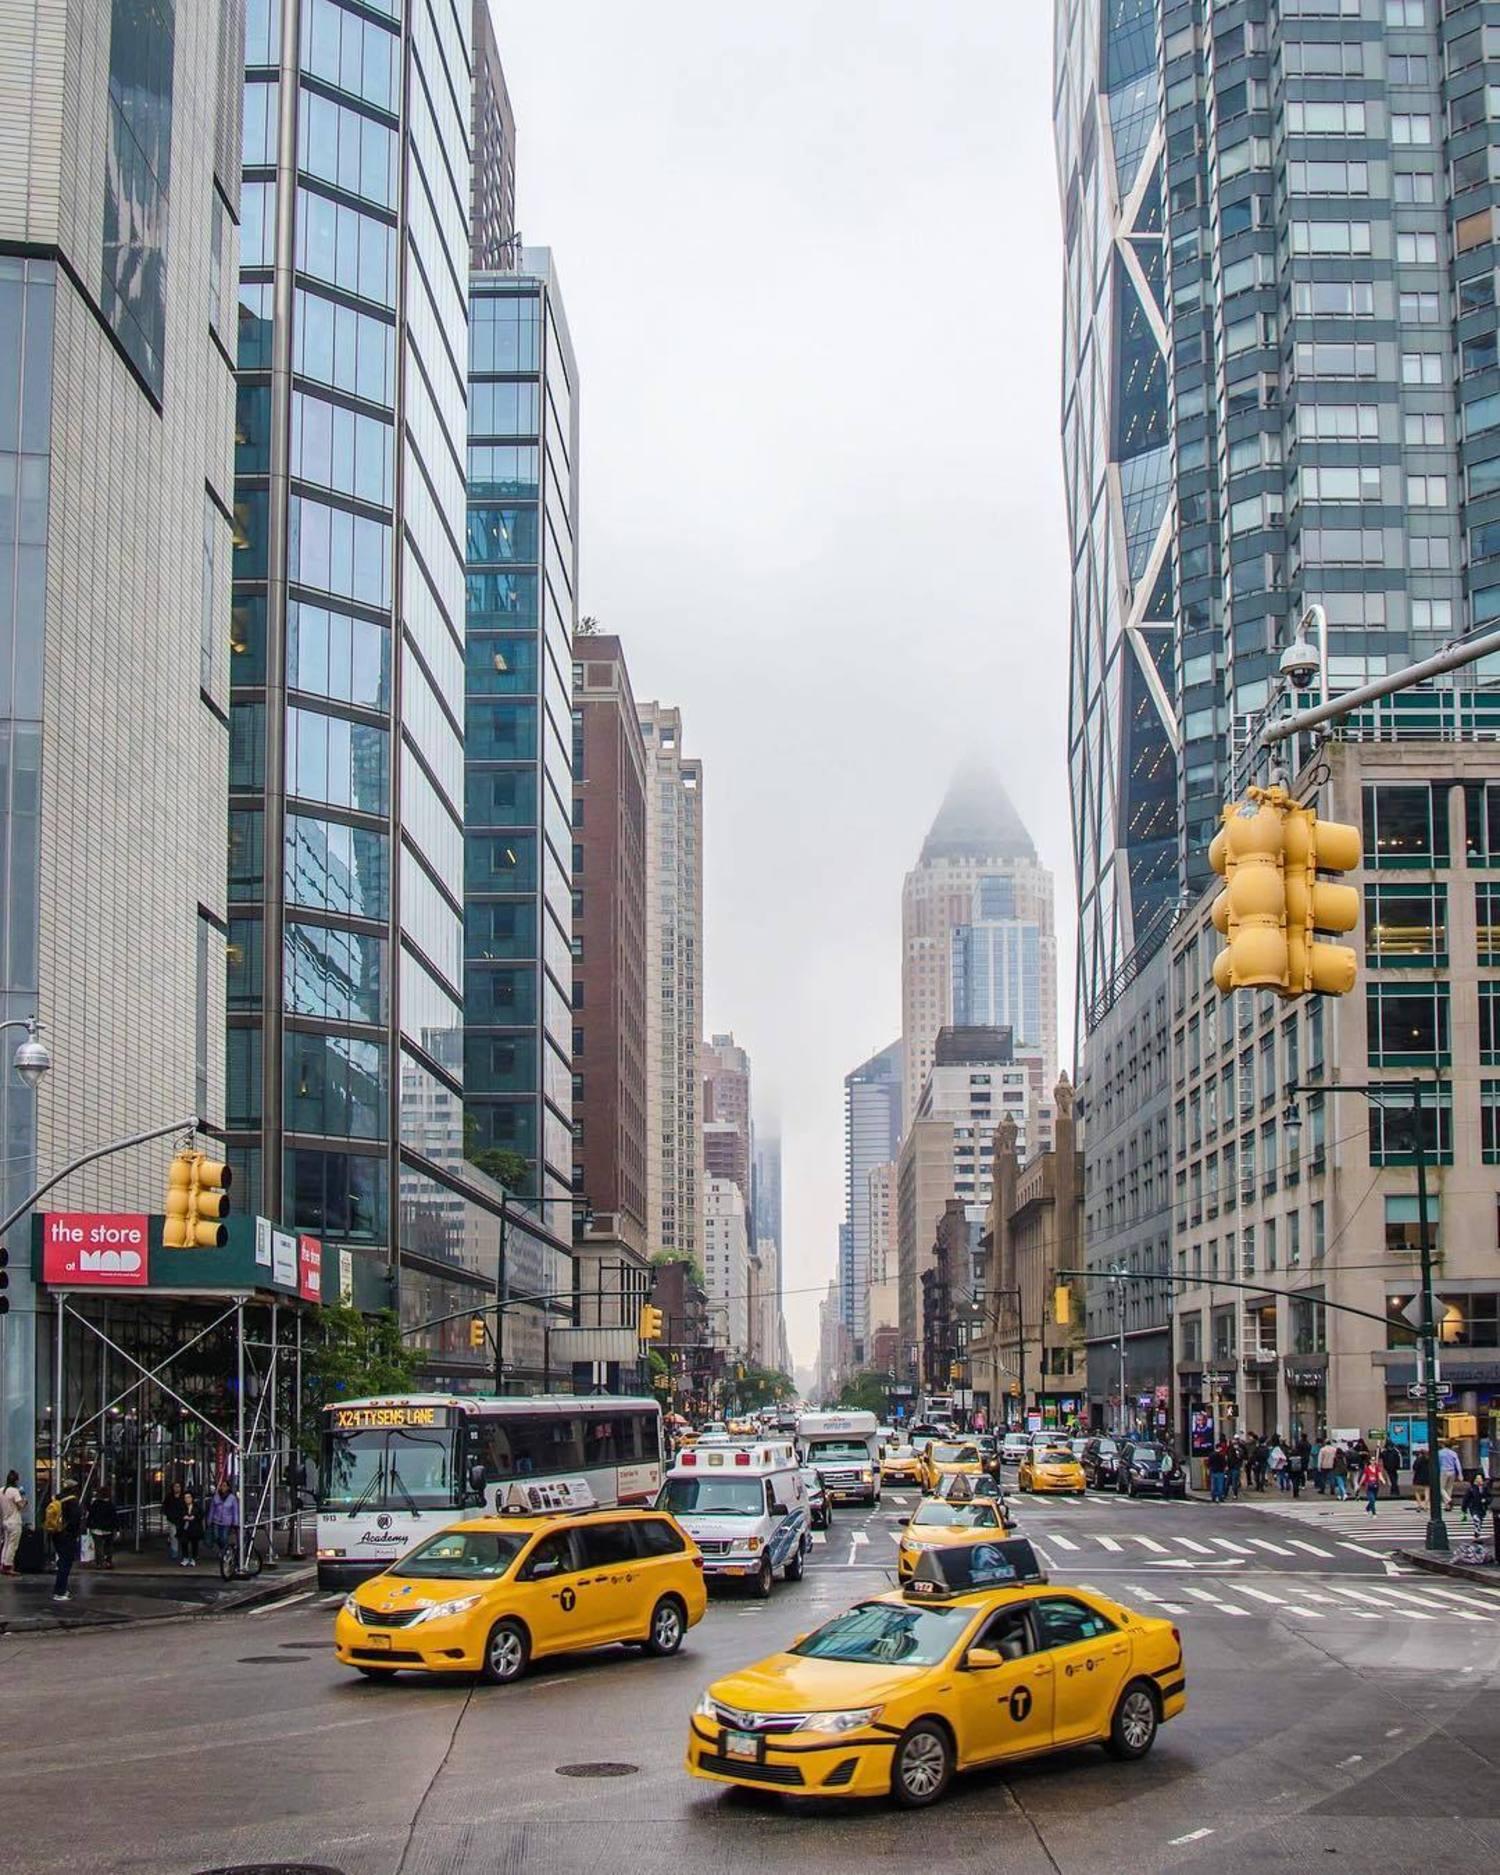 8th Avenue, Manhattan